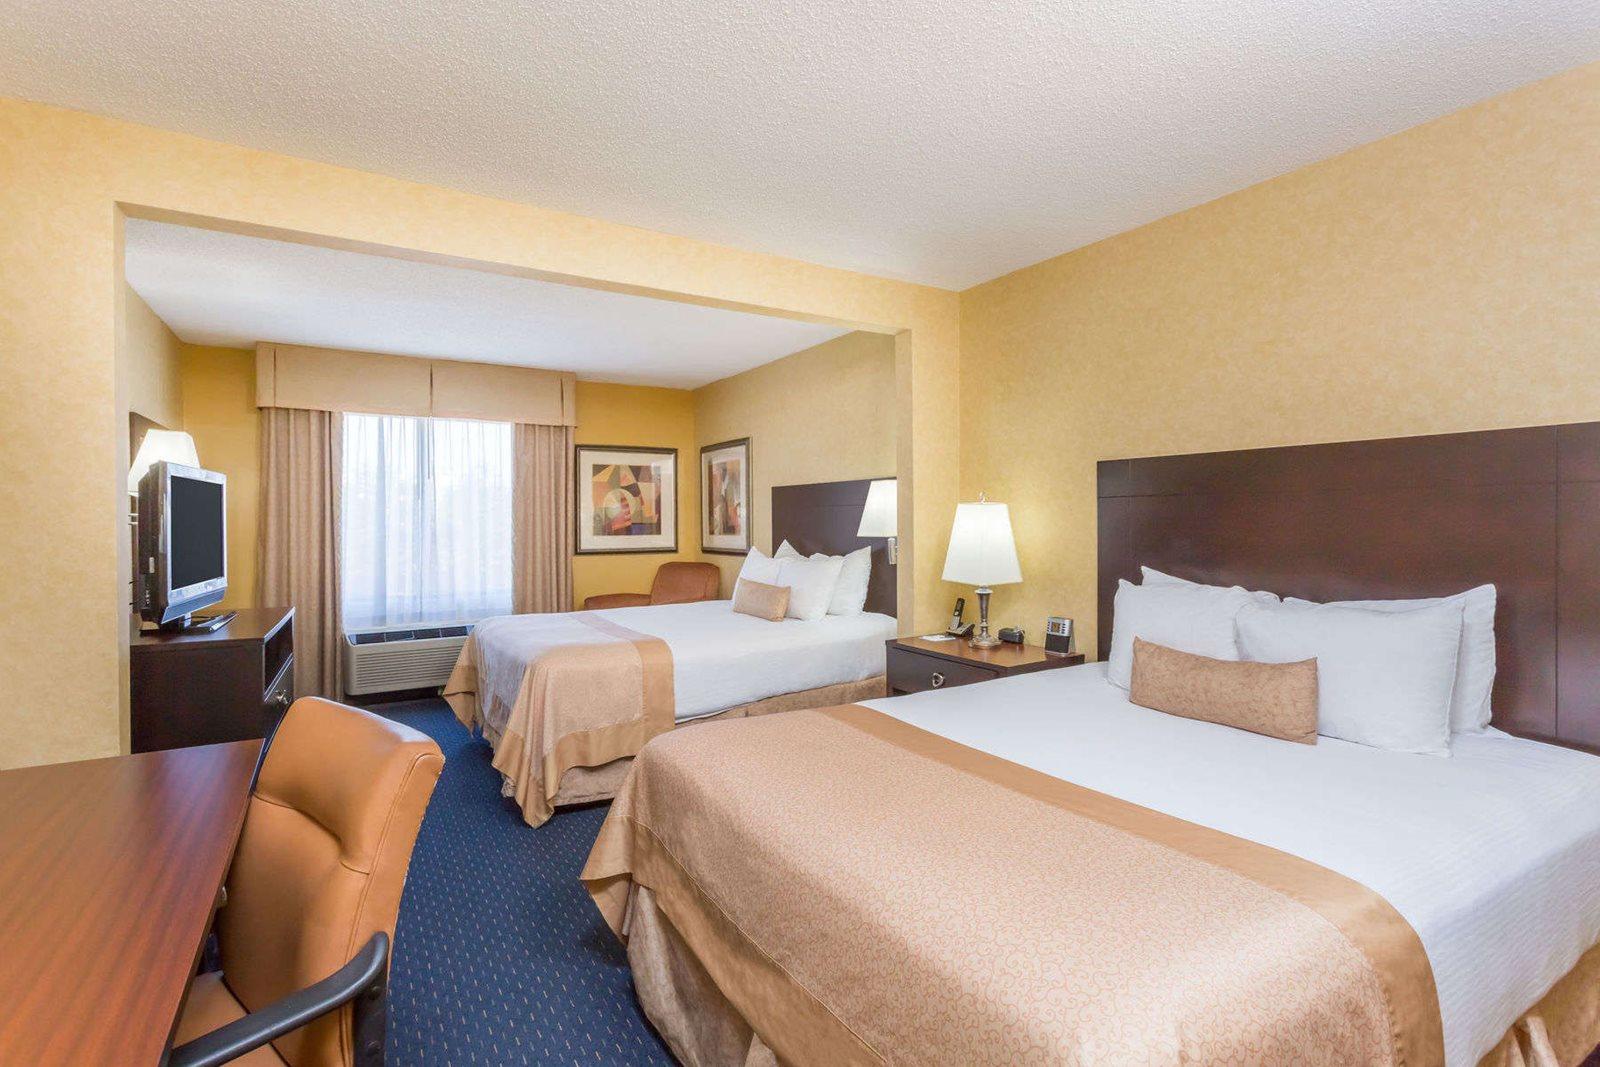 07656_guest_room_5.jpg